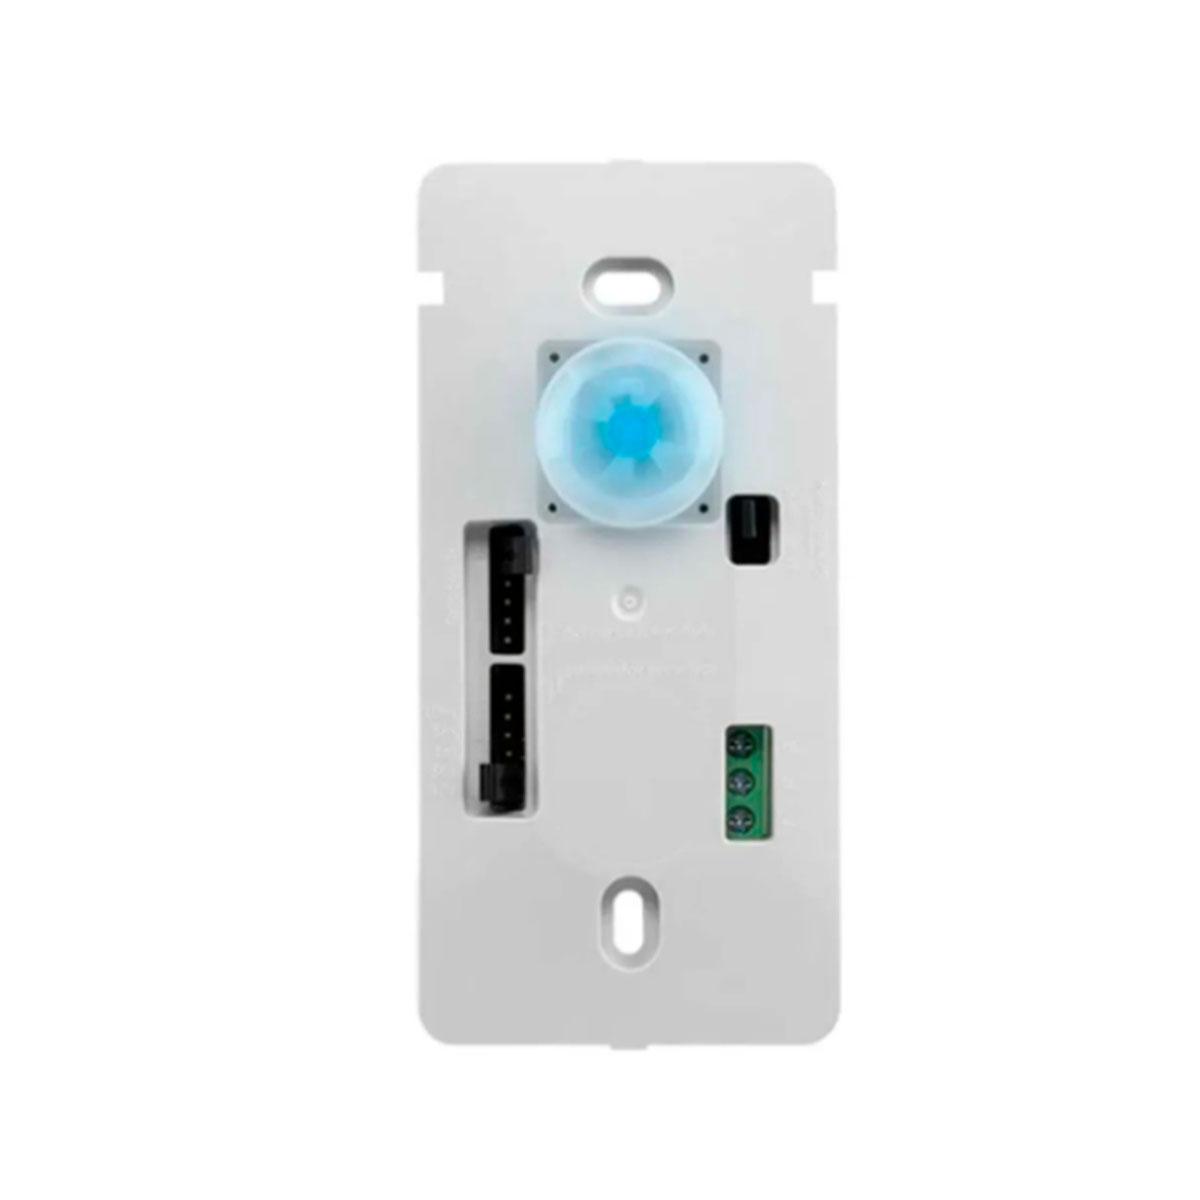 Kit 5 Interruptor Intelbras Presença e Iluminação Espi 180 E